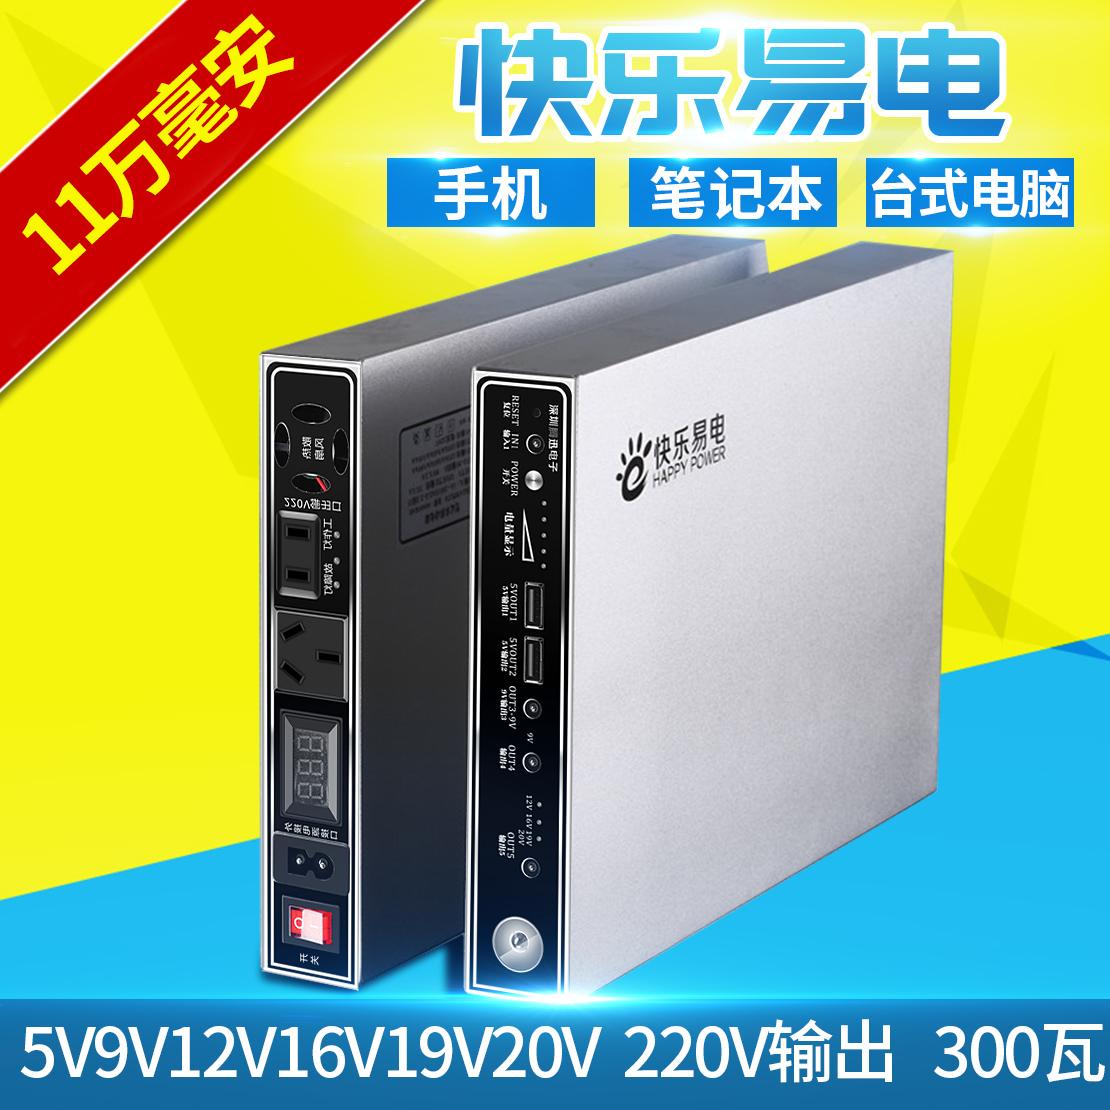 12V19V外置户外电池220V充电宝DELL笔记本电脑移动电源大容量联想